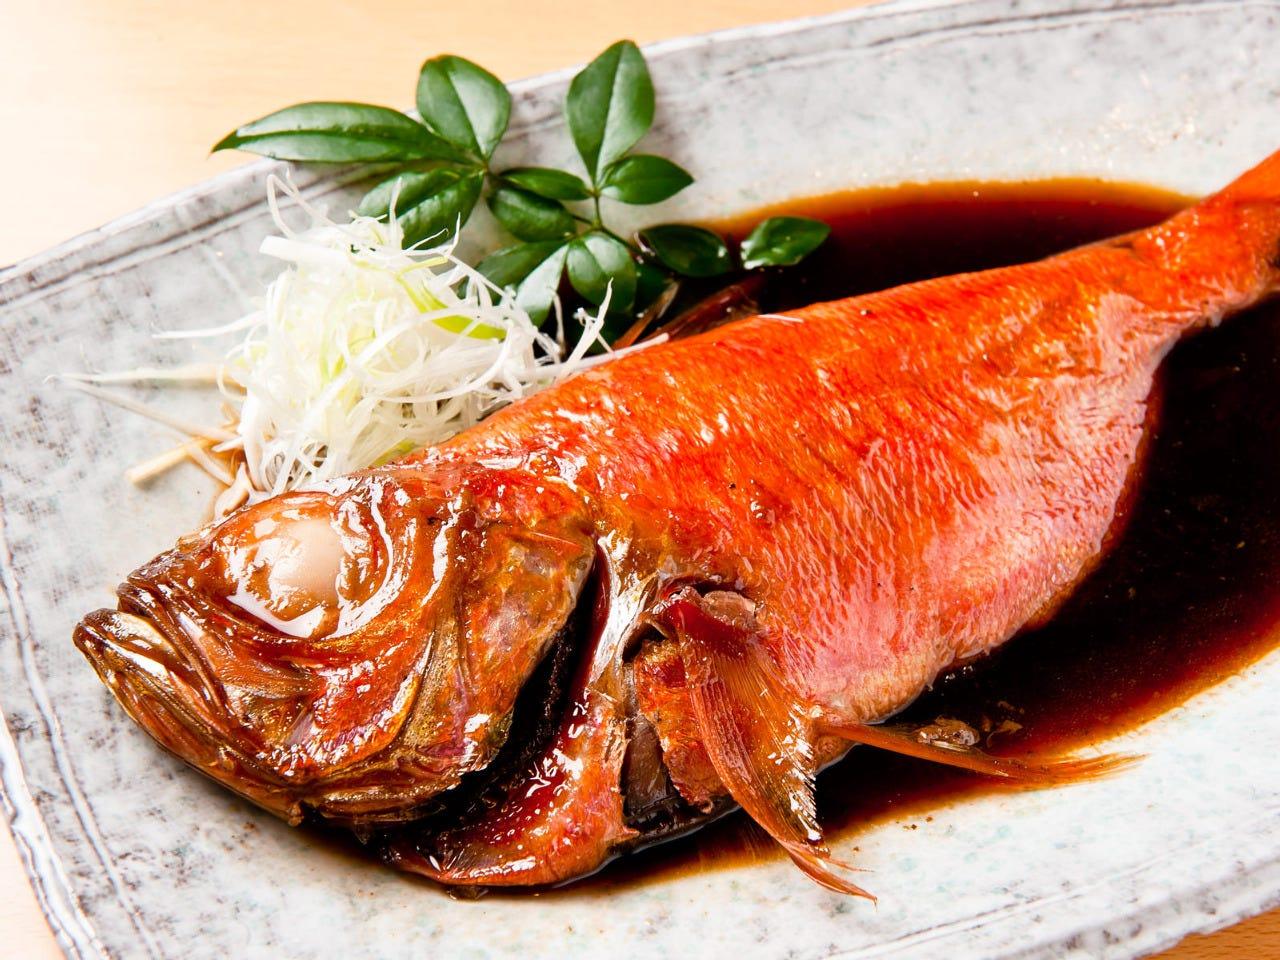 金目煮魚は丸ごと1匹で食べごたえある逸品。